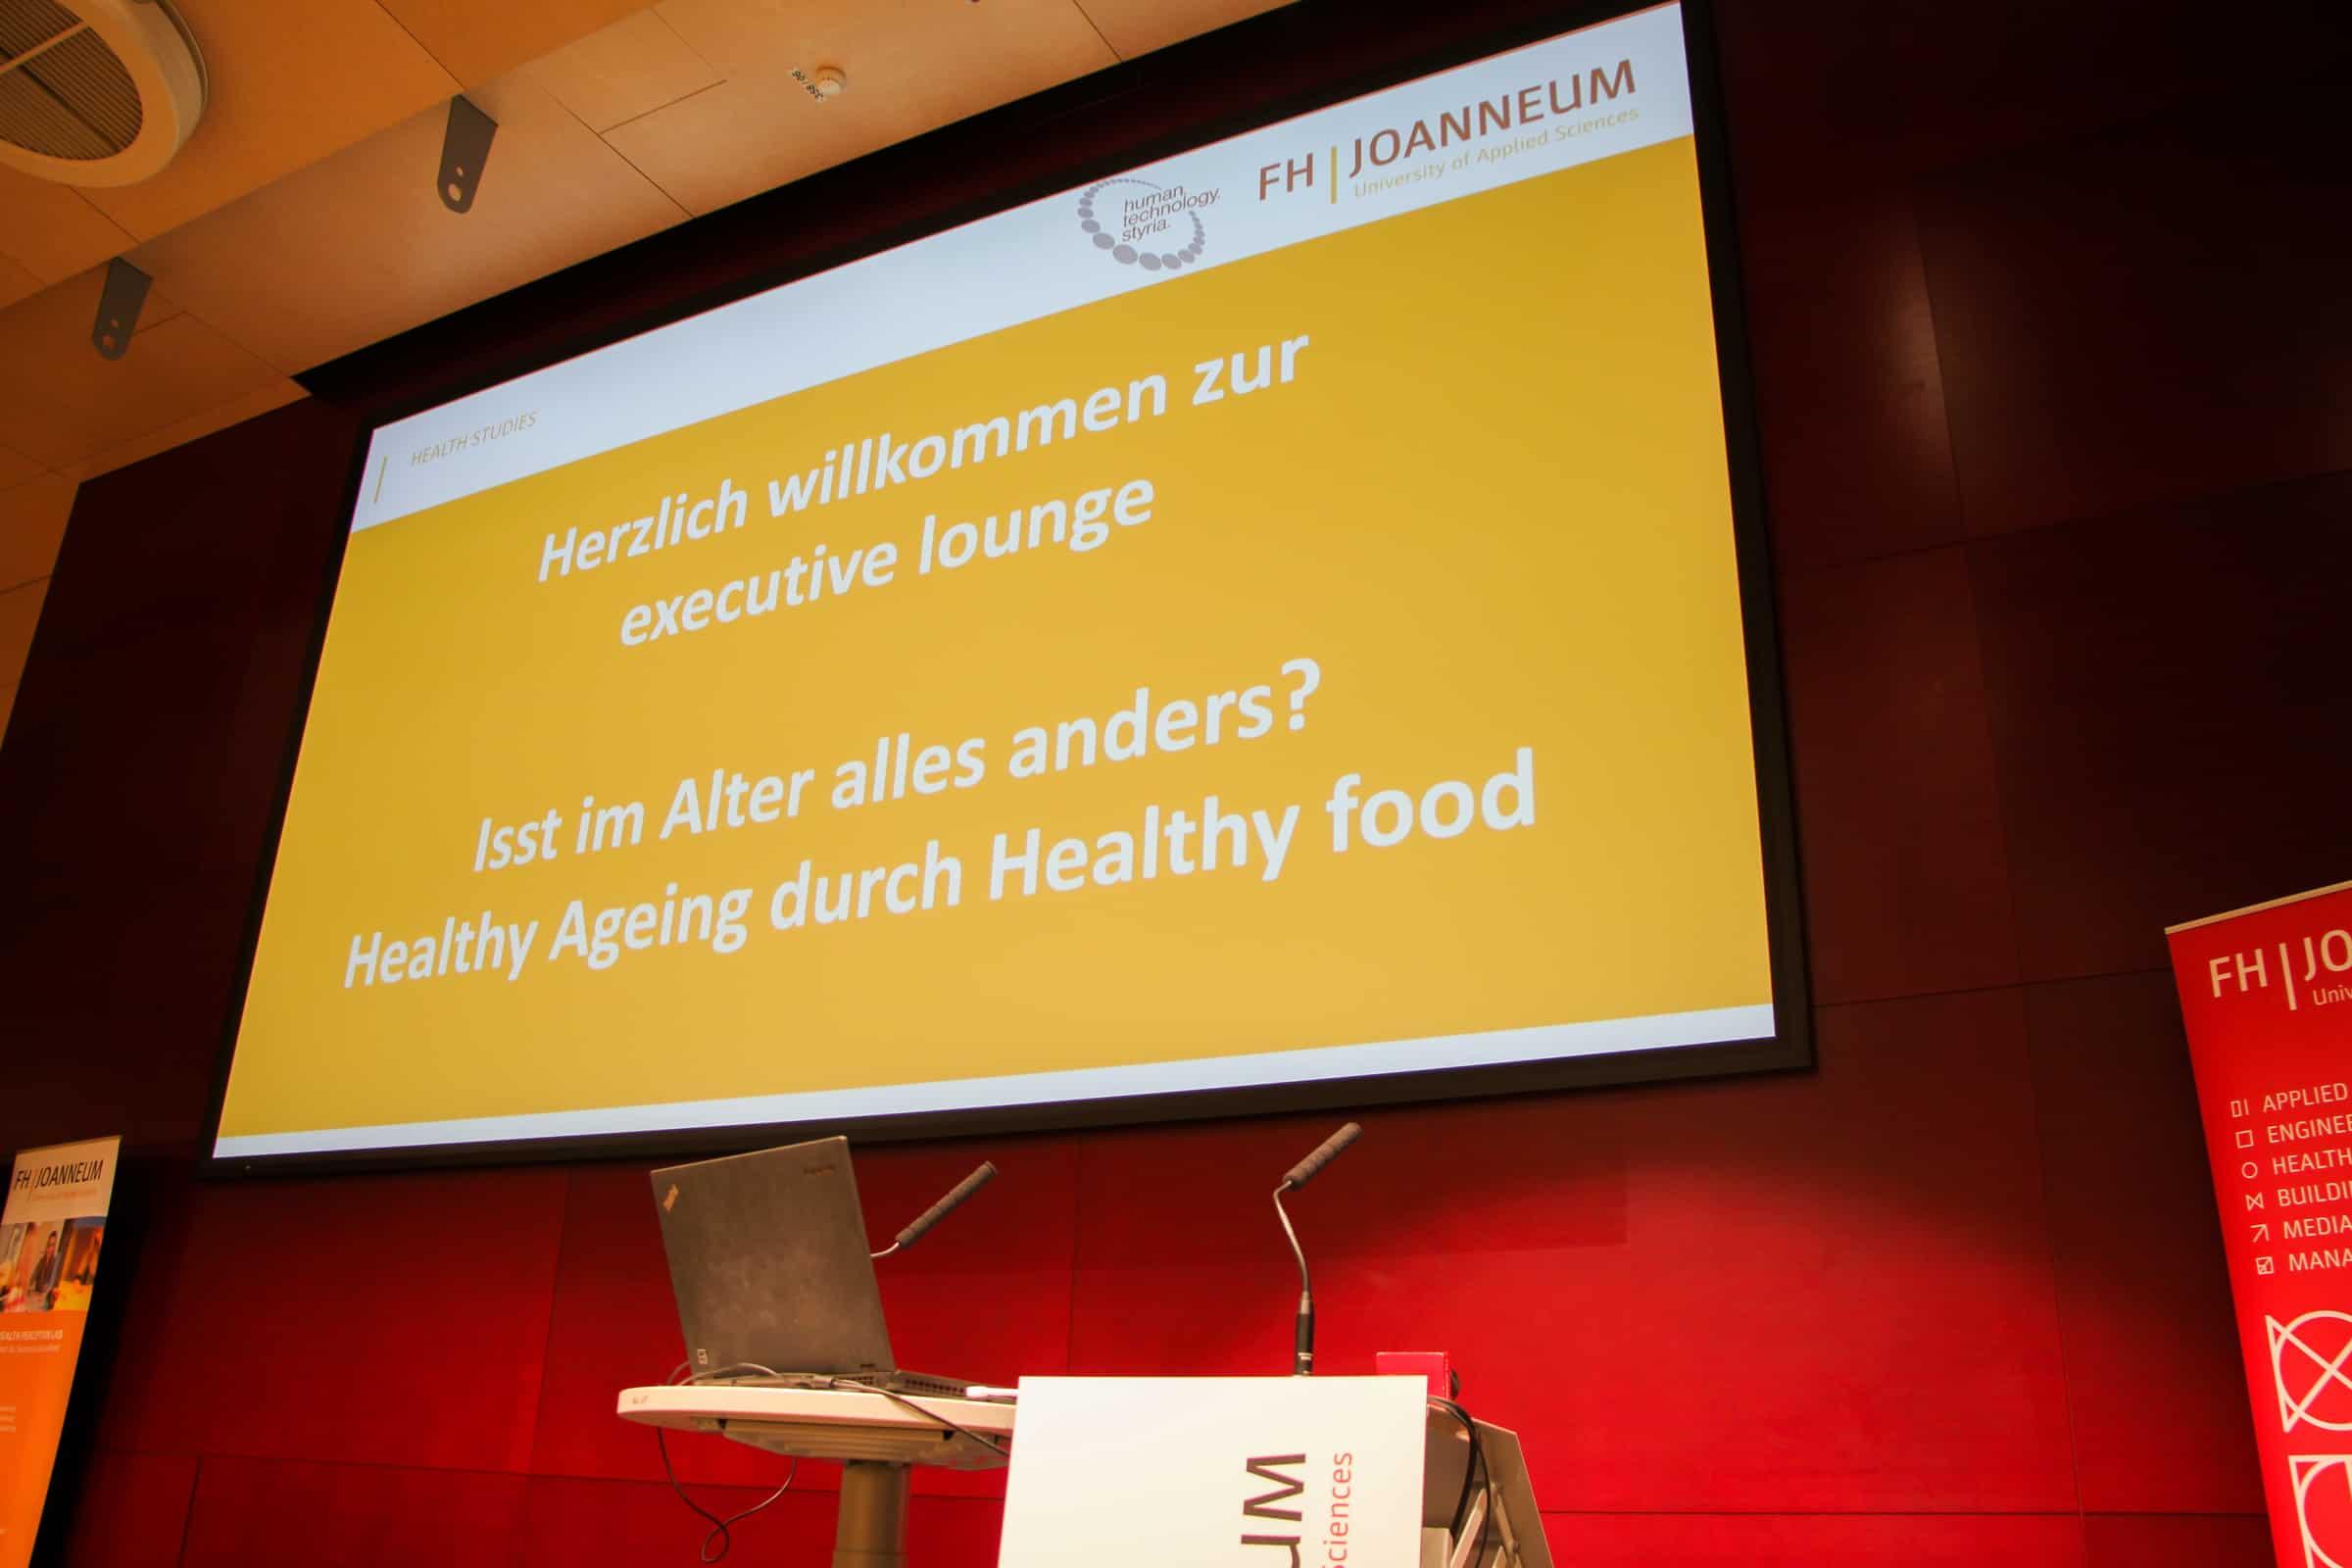 Powerpoint-Präsentation mit Titel der Veranstaltung an der Leinwand des Audimax der FH JOANNEUM.